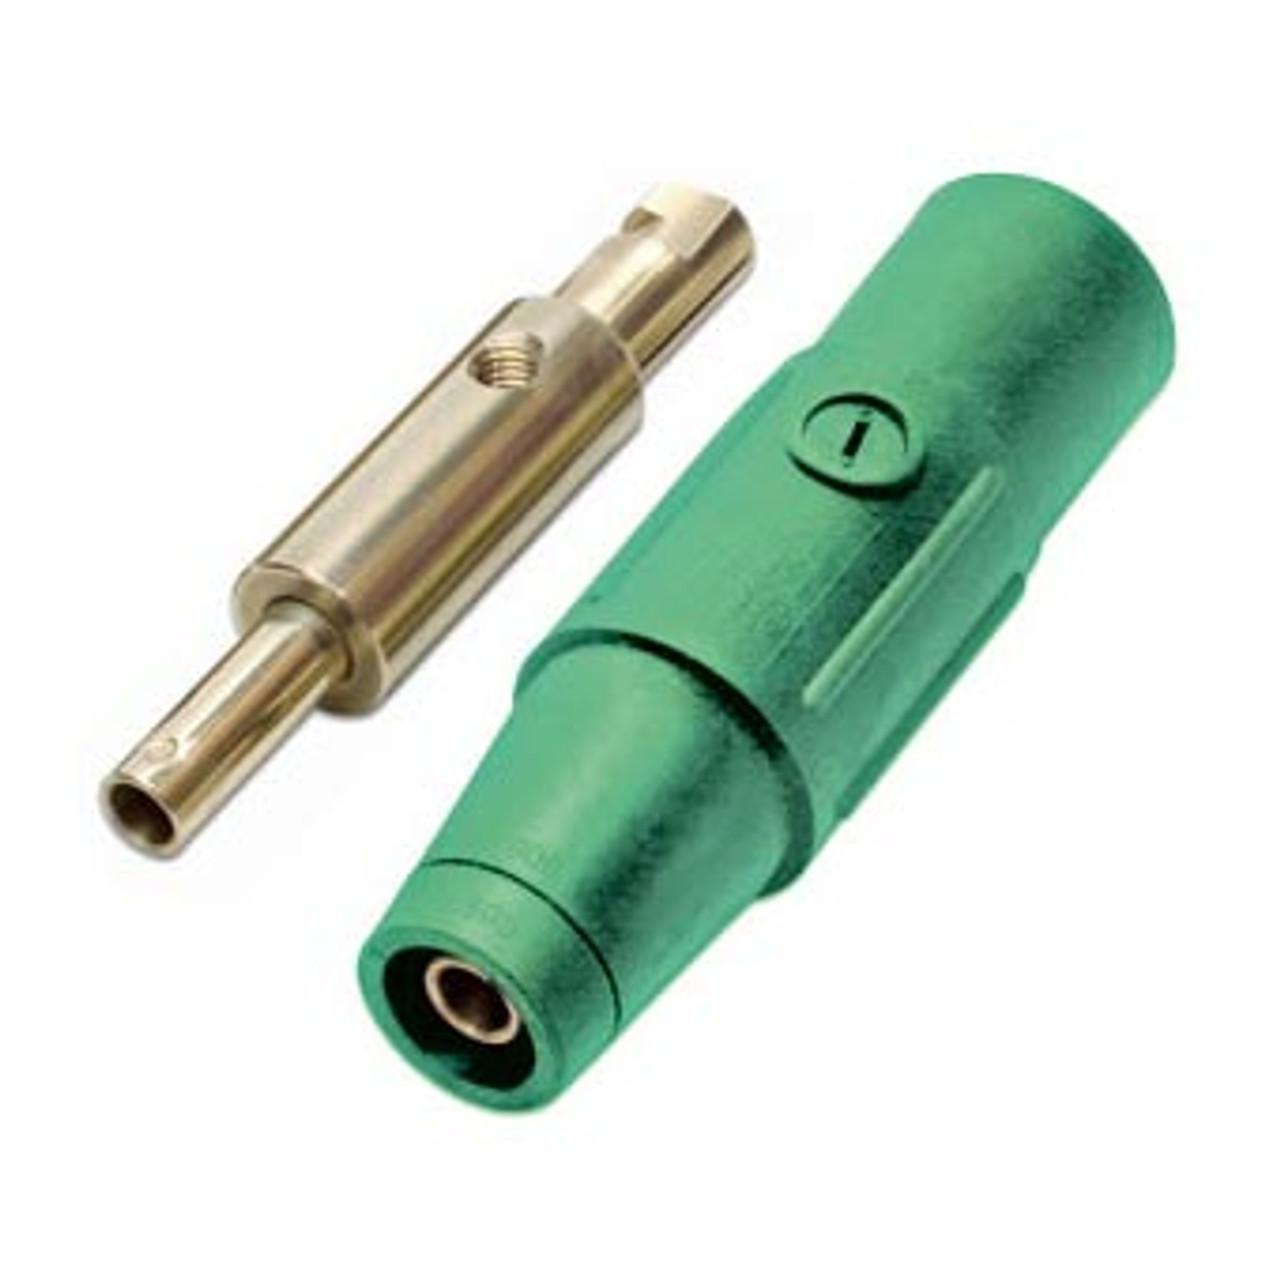 CAM LOCK 400/150A REDUCER GREEN MALE/FEMALE